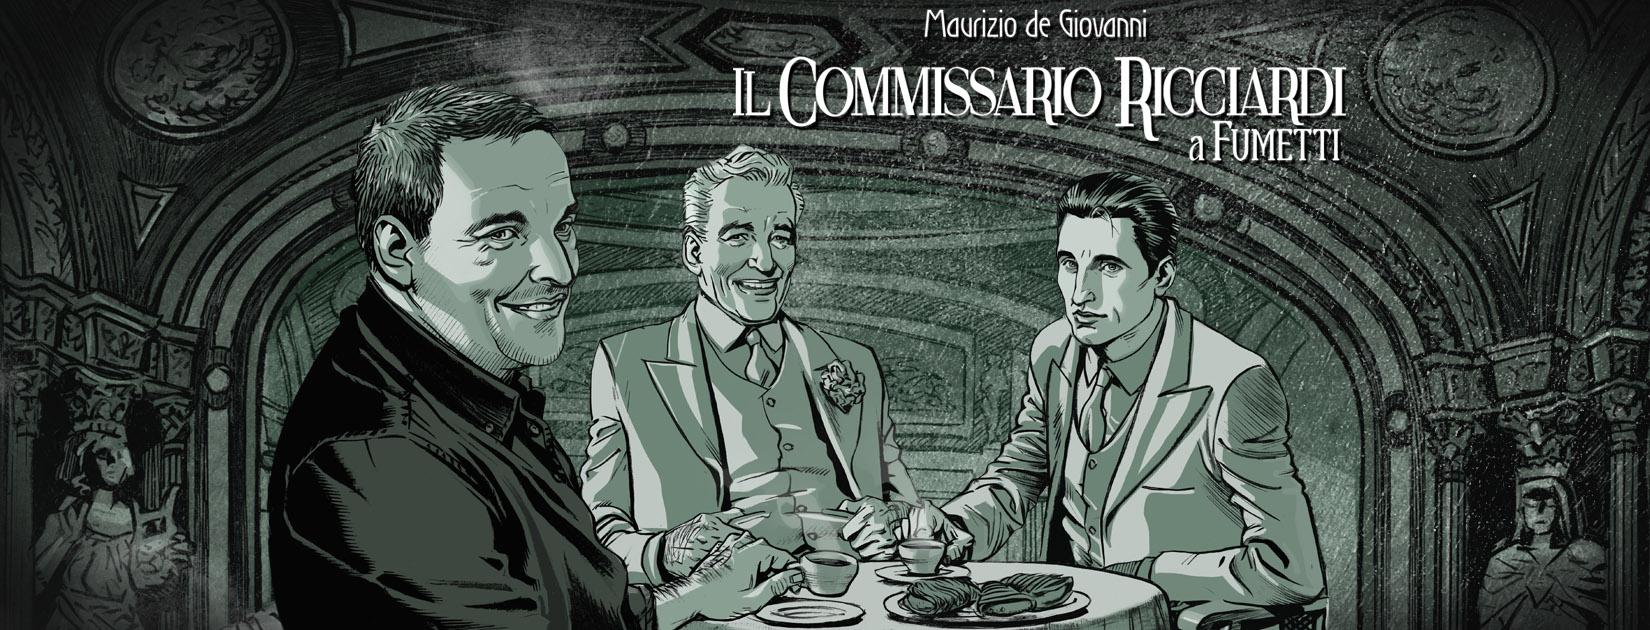 Commissario Ricciardi a Fumetti